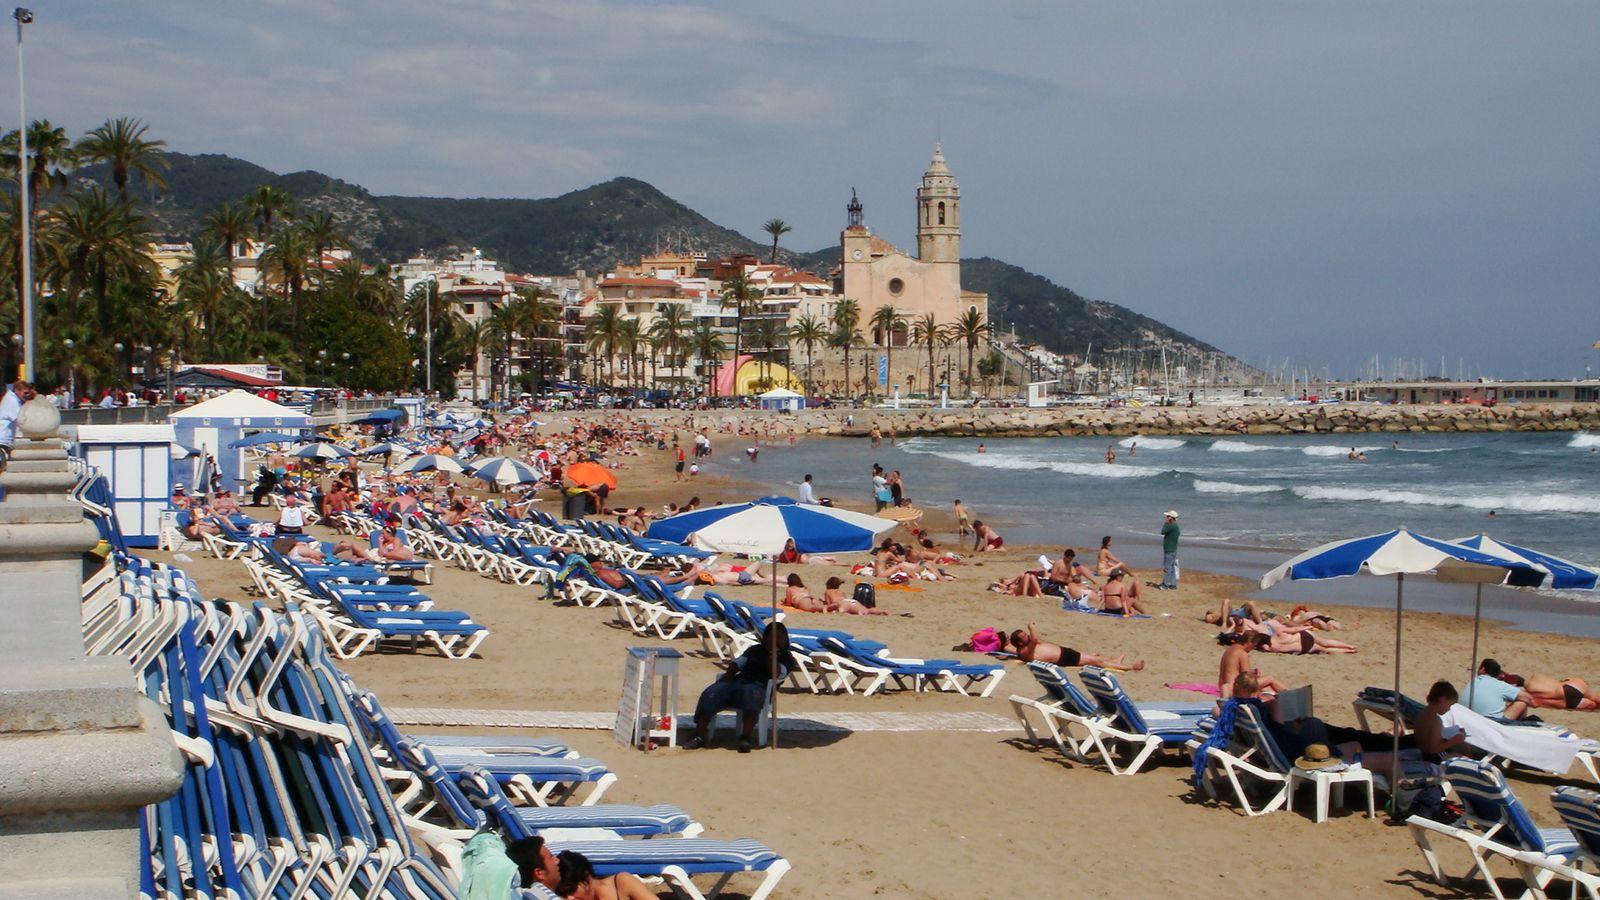 Les dix plus belles plages gays voyages bergeron - Fotos de sitges barcelona ...